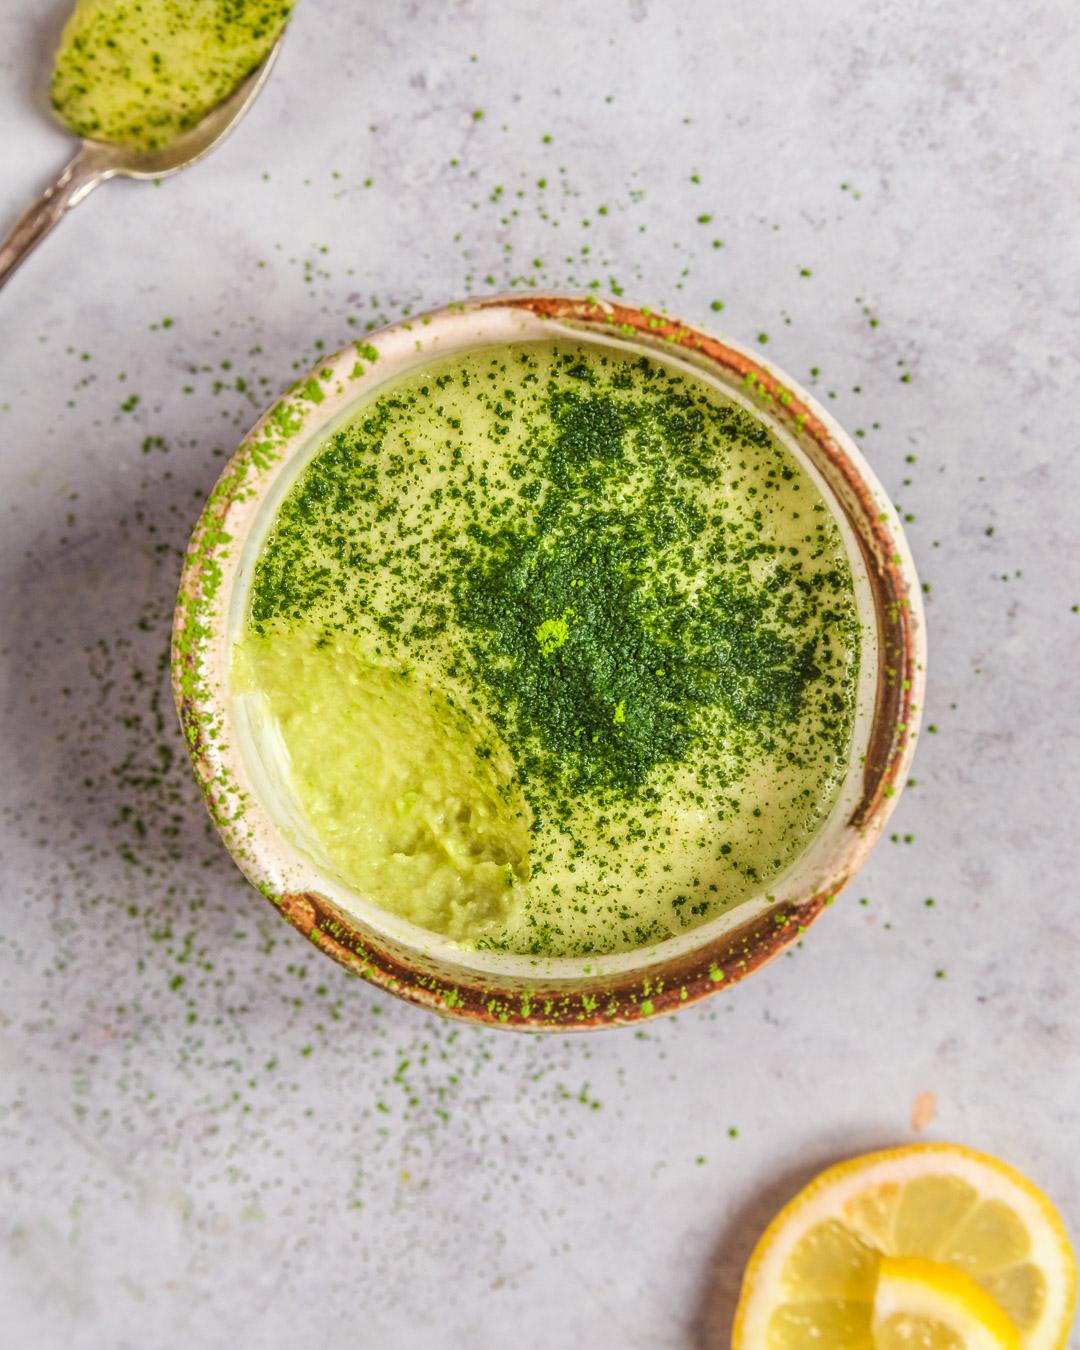 Zucchini, Lemon and Matcha Mousse